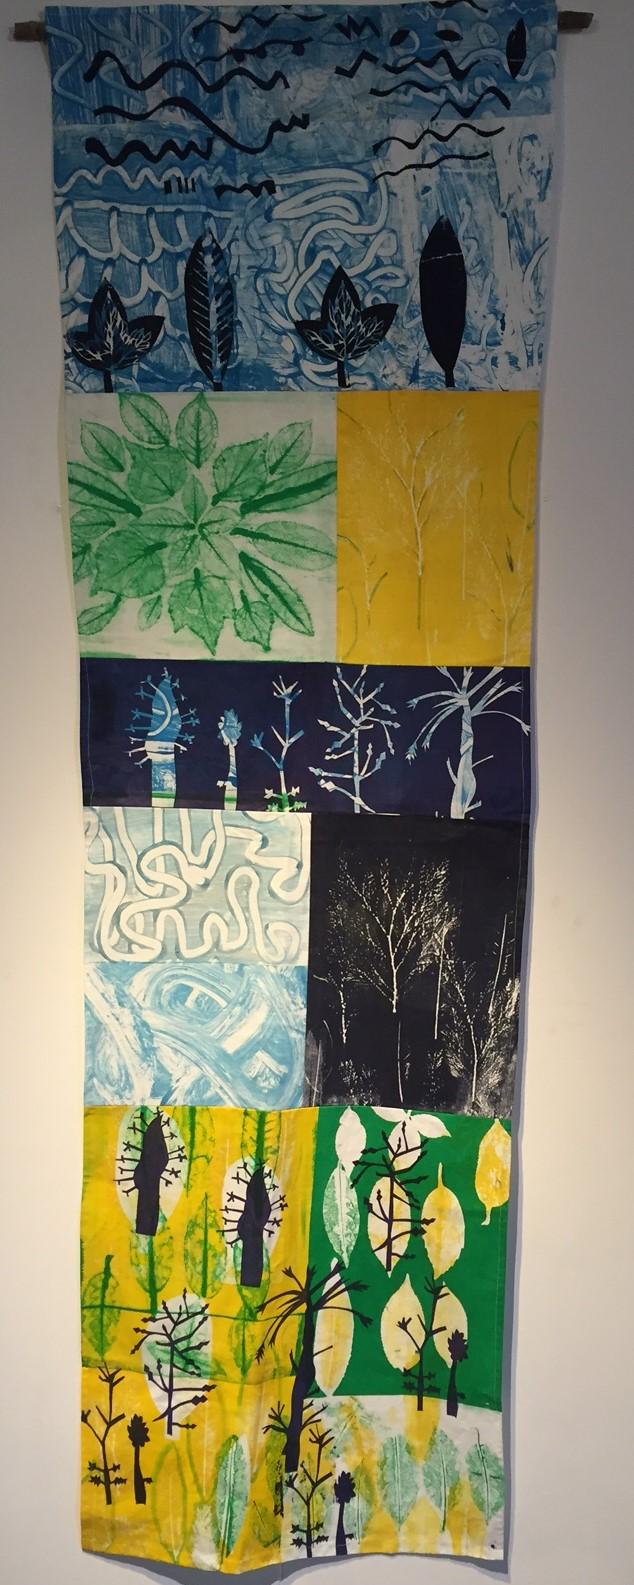 final artworks 1